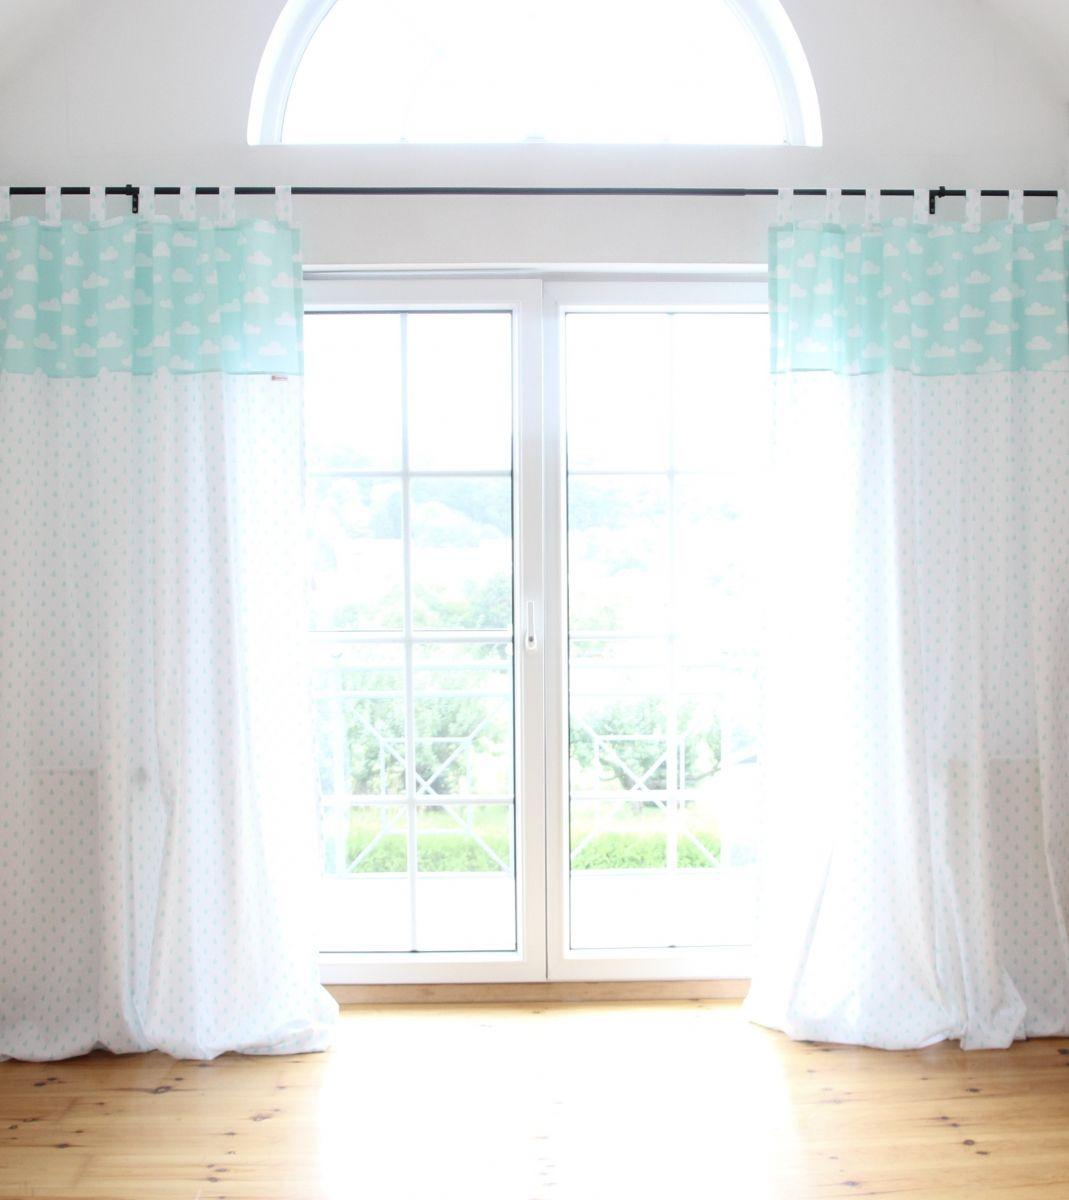 Full Size of Kinderzimmer Vorhang Wolken Tropfen Mint Wei Junge Wohnzimmer Regal Weiß Bad Sofa Regale Küche Kinderzimmer Kinderzimmer Vorhang